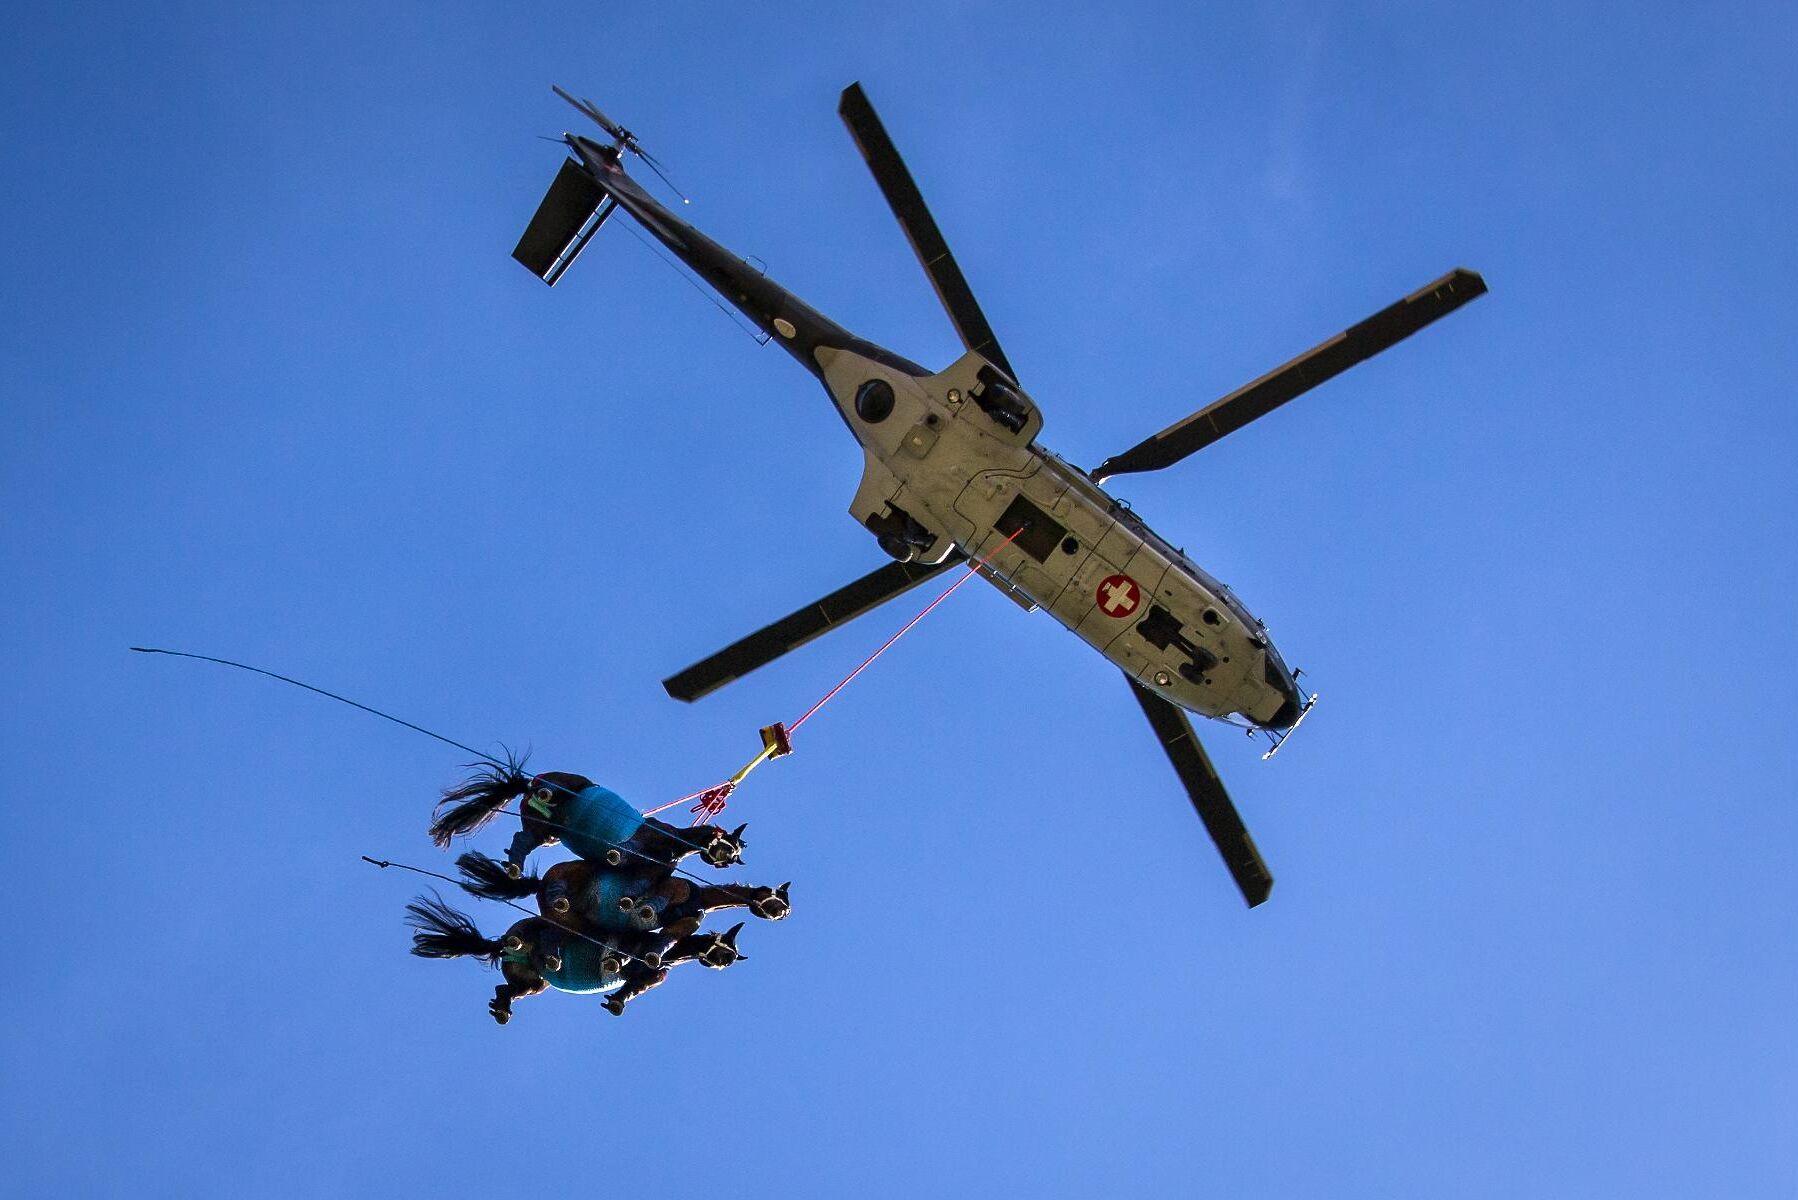 En Super Puma helikopter från det schweiziska flygvapnet fraktar tre hästar på samma flygning. Vad hästarna kände vet ingen men troligen hade de ingen uppfattning om vad som hände utöver trycket från selen runt buken och vinddraget. Ingen av hästarna visade heller inga värden som tydde på påtaglig stress eller annan oro.